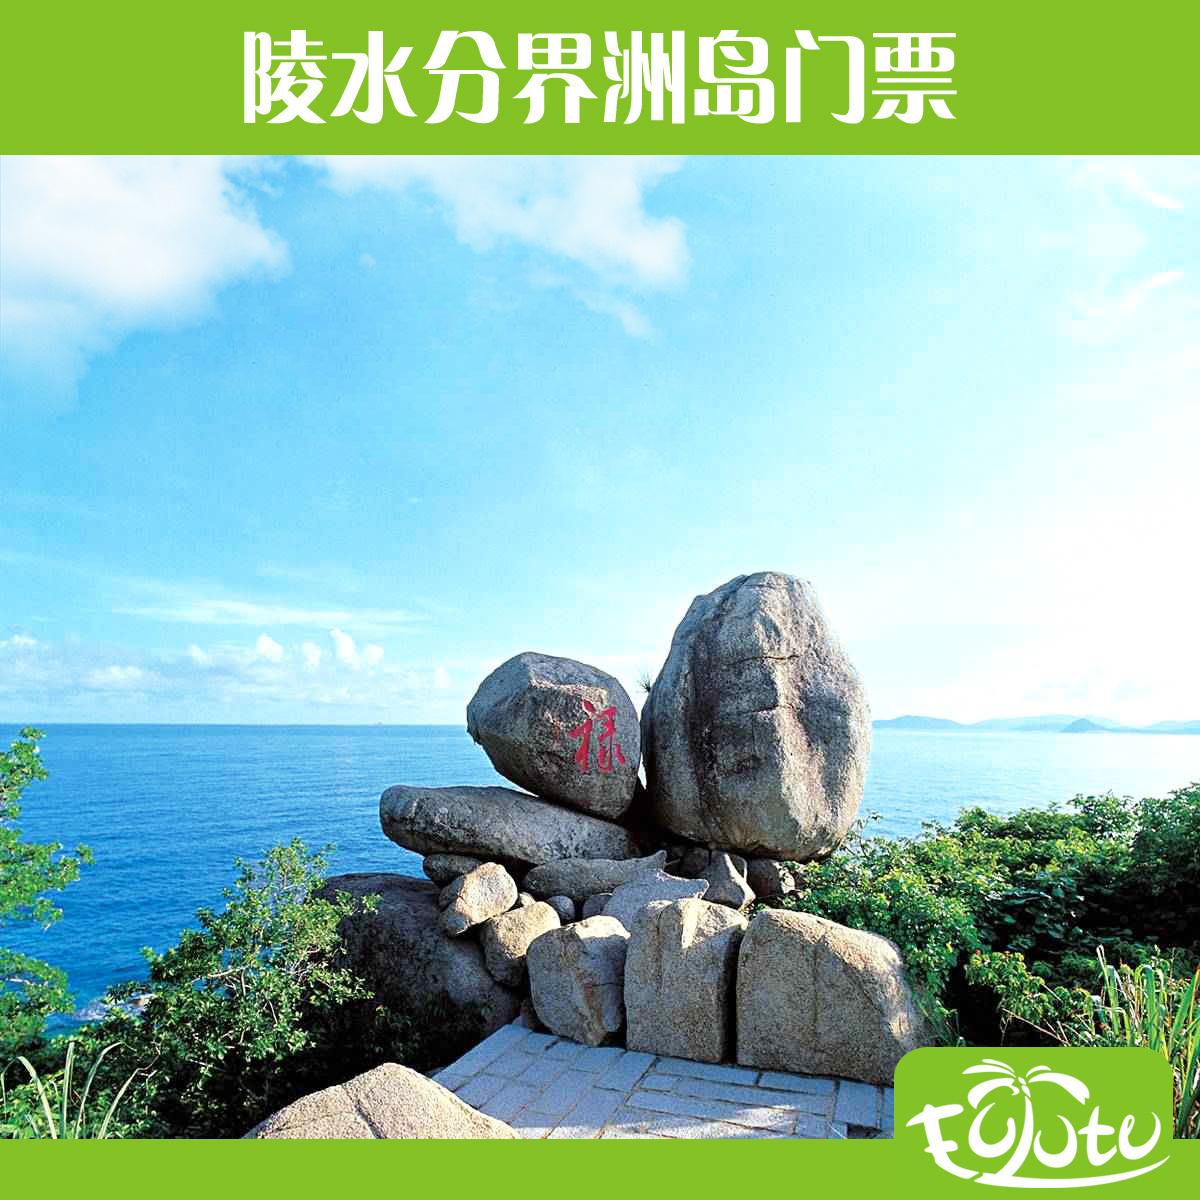 [景区取票]海南旅游/三亚自由行/分界洲岛景区门票/特价预定潜水